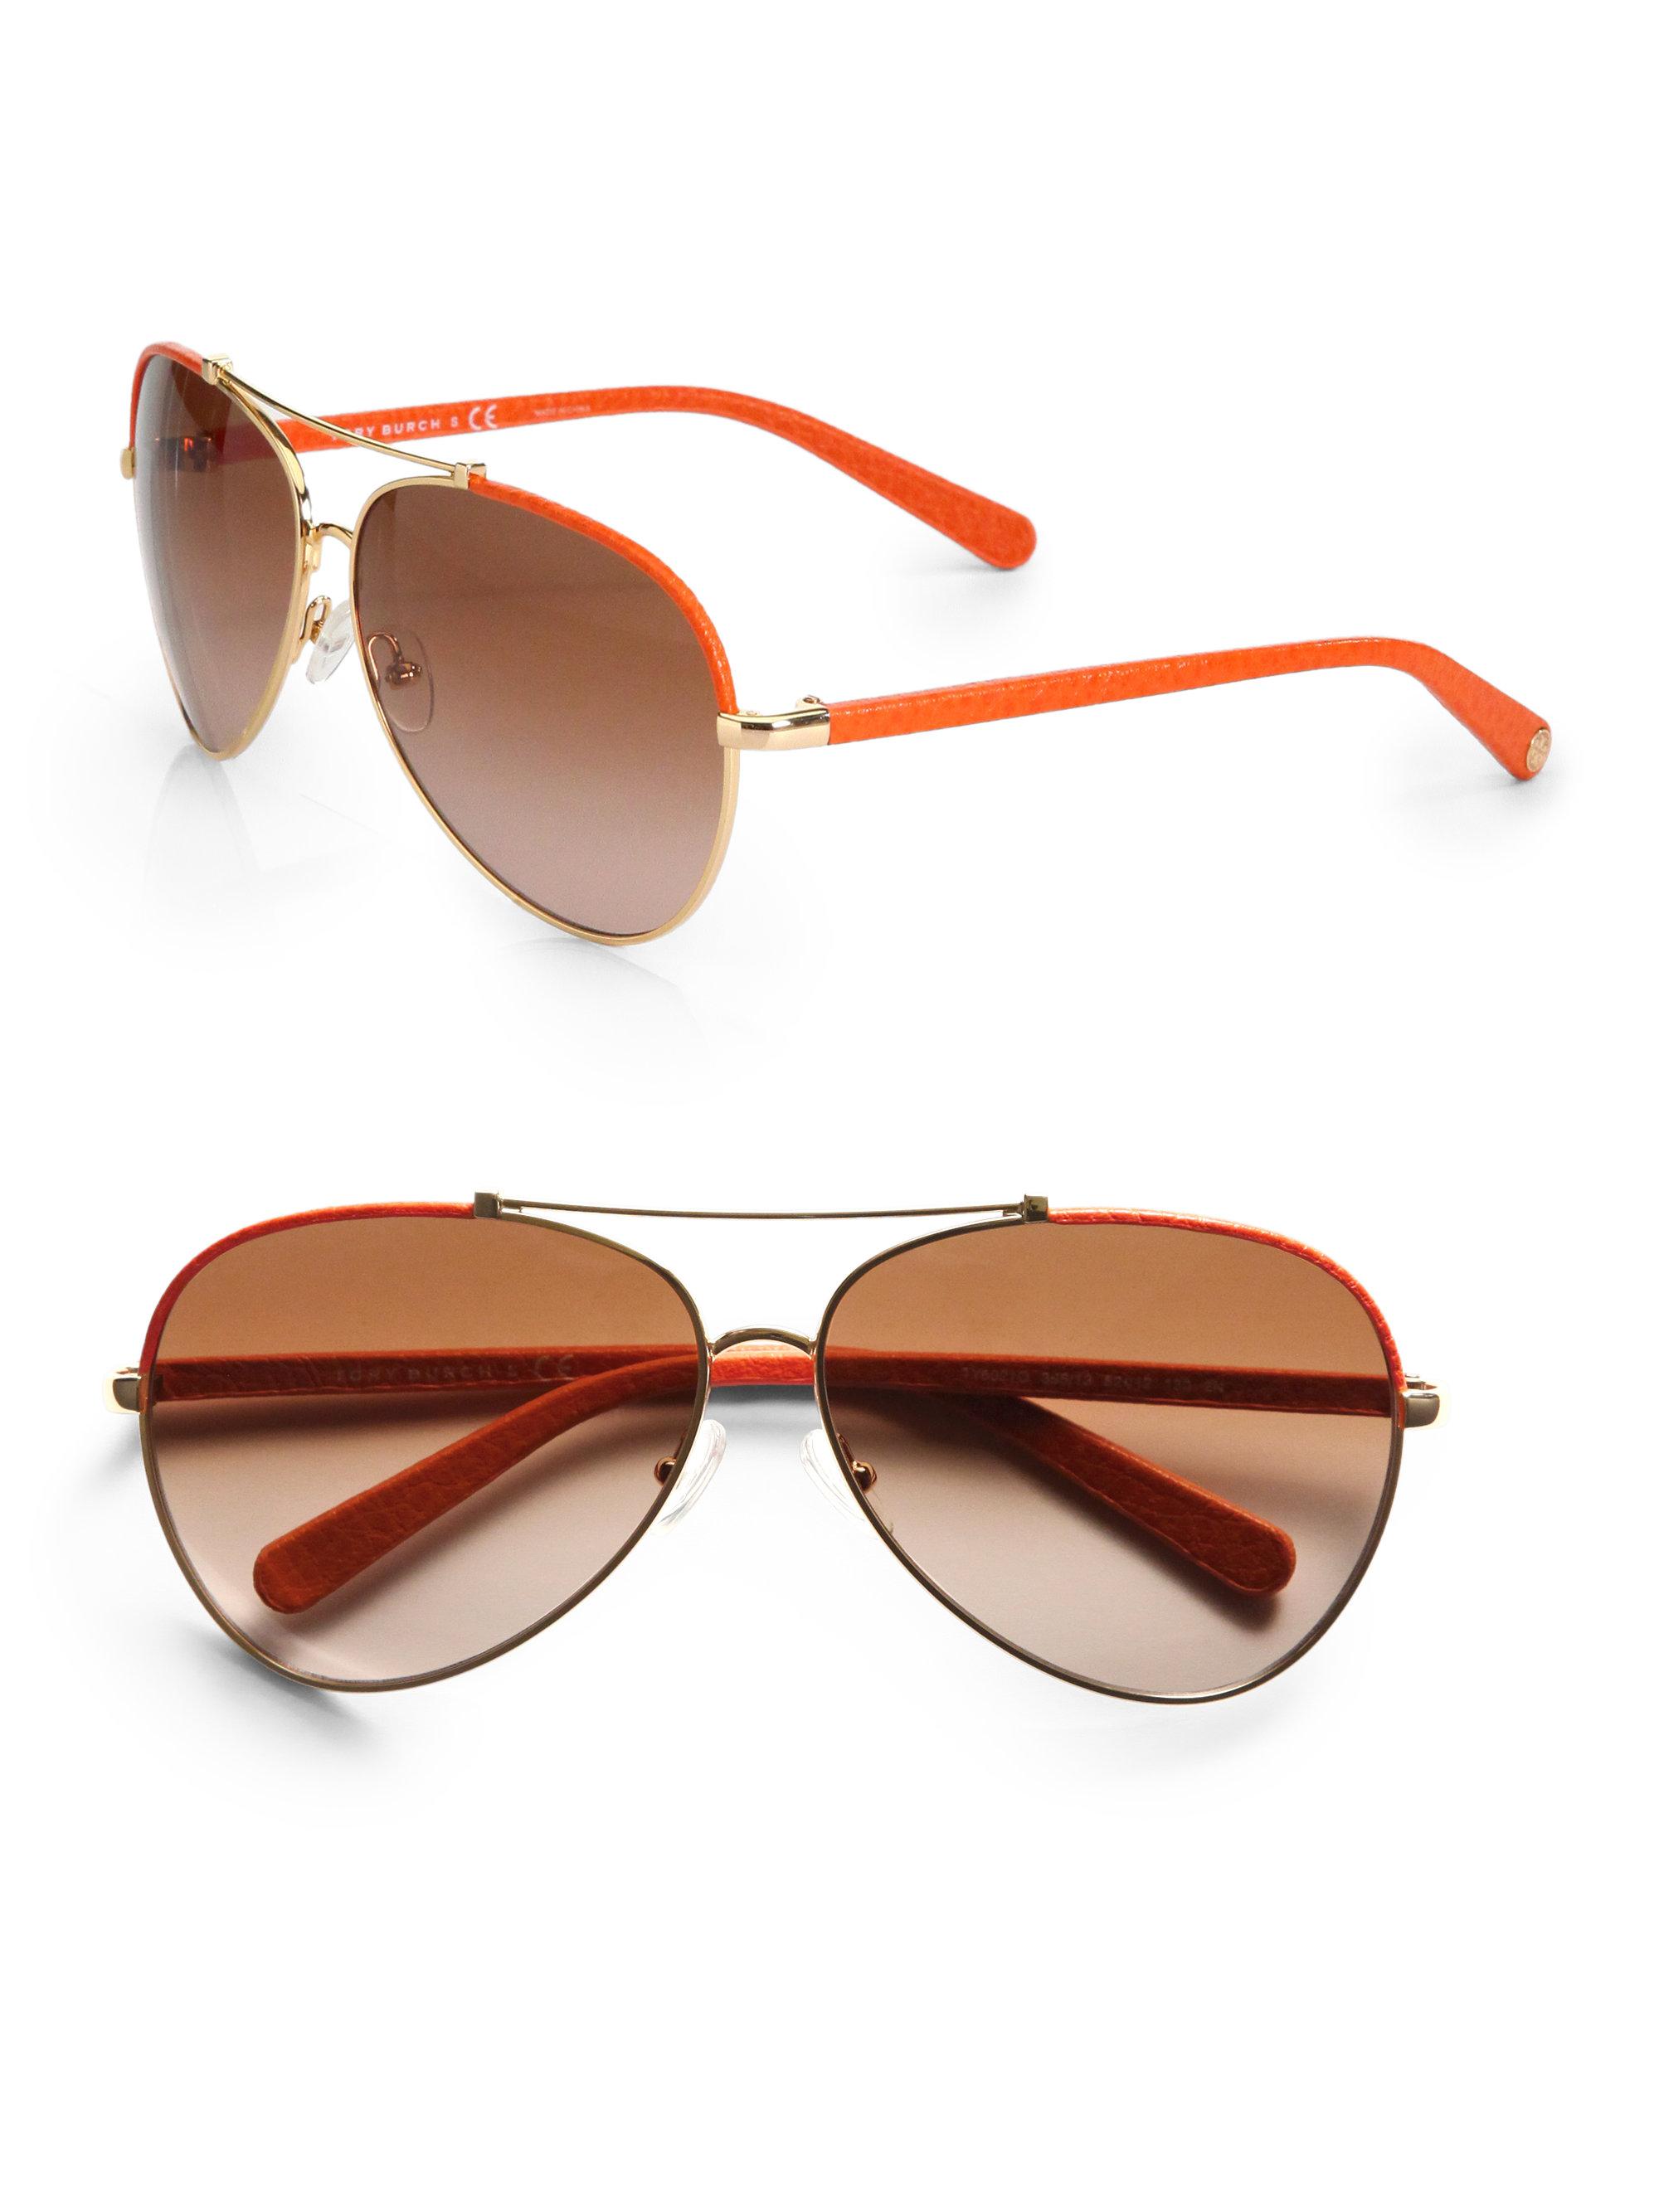 Tory Burch C Aviator Sunglasses In Orange Lyst